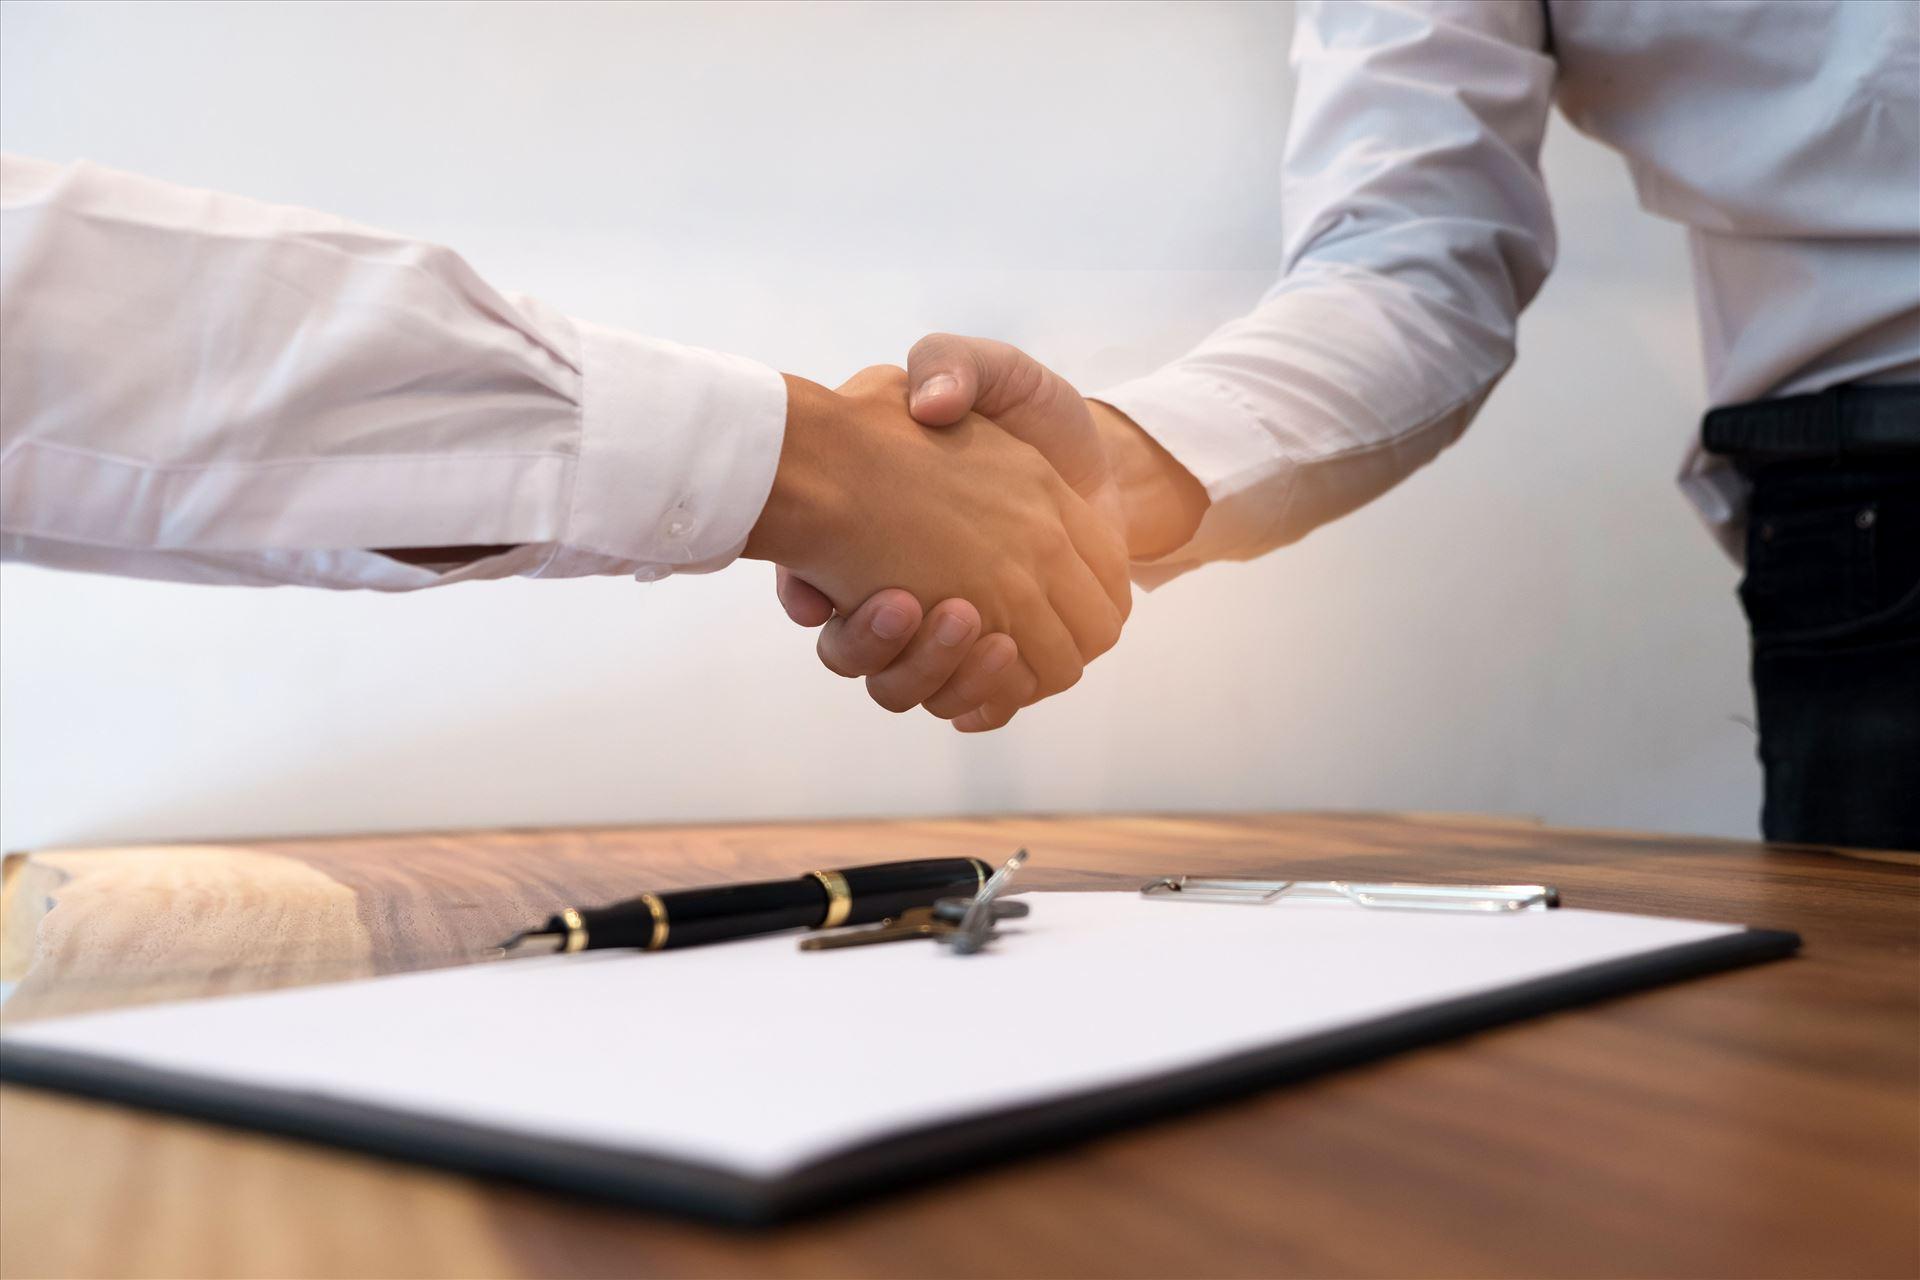 עורך דין דיני עבודה תל אביב, ייצוג מעסיקים ועובדים